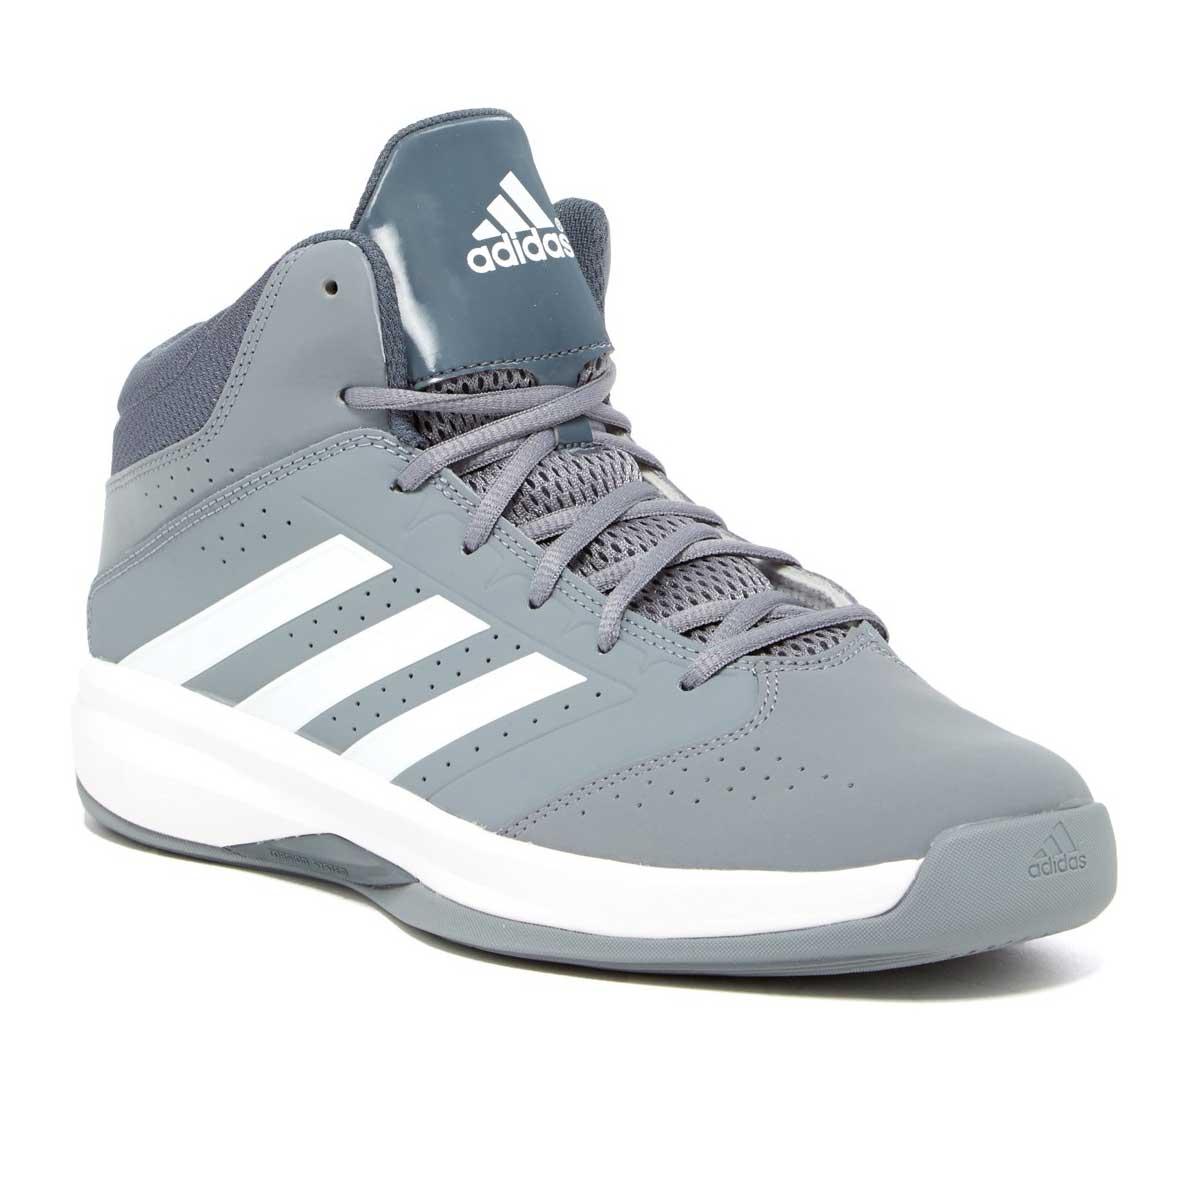 Adidas Isolation 2 Basketball Shoes (Grey/White)